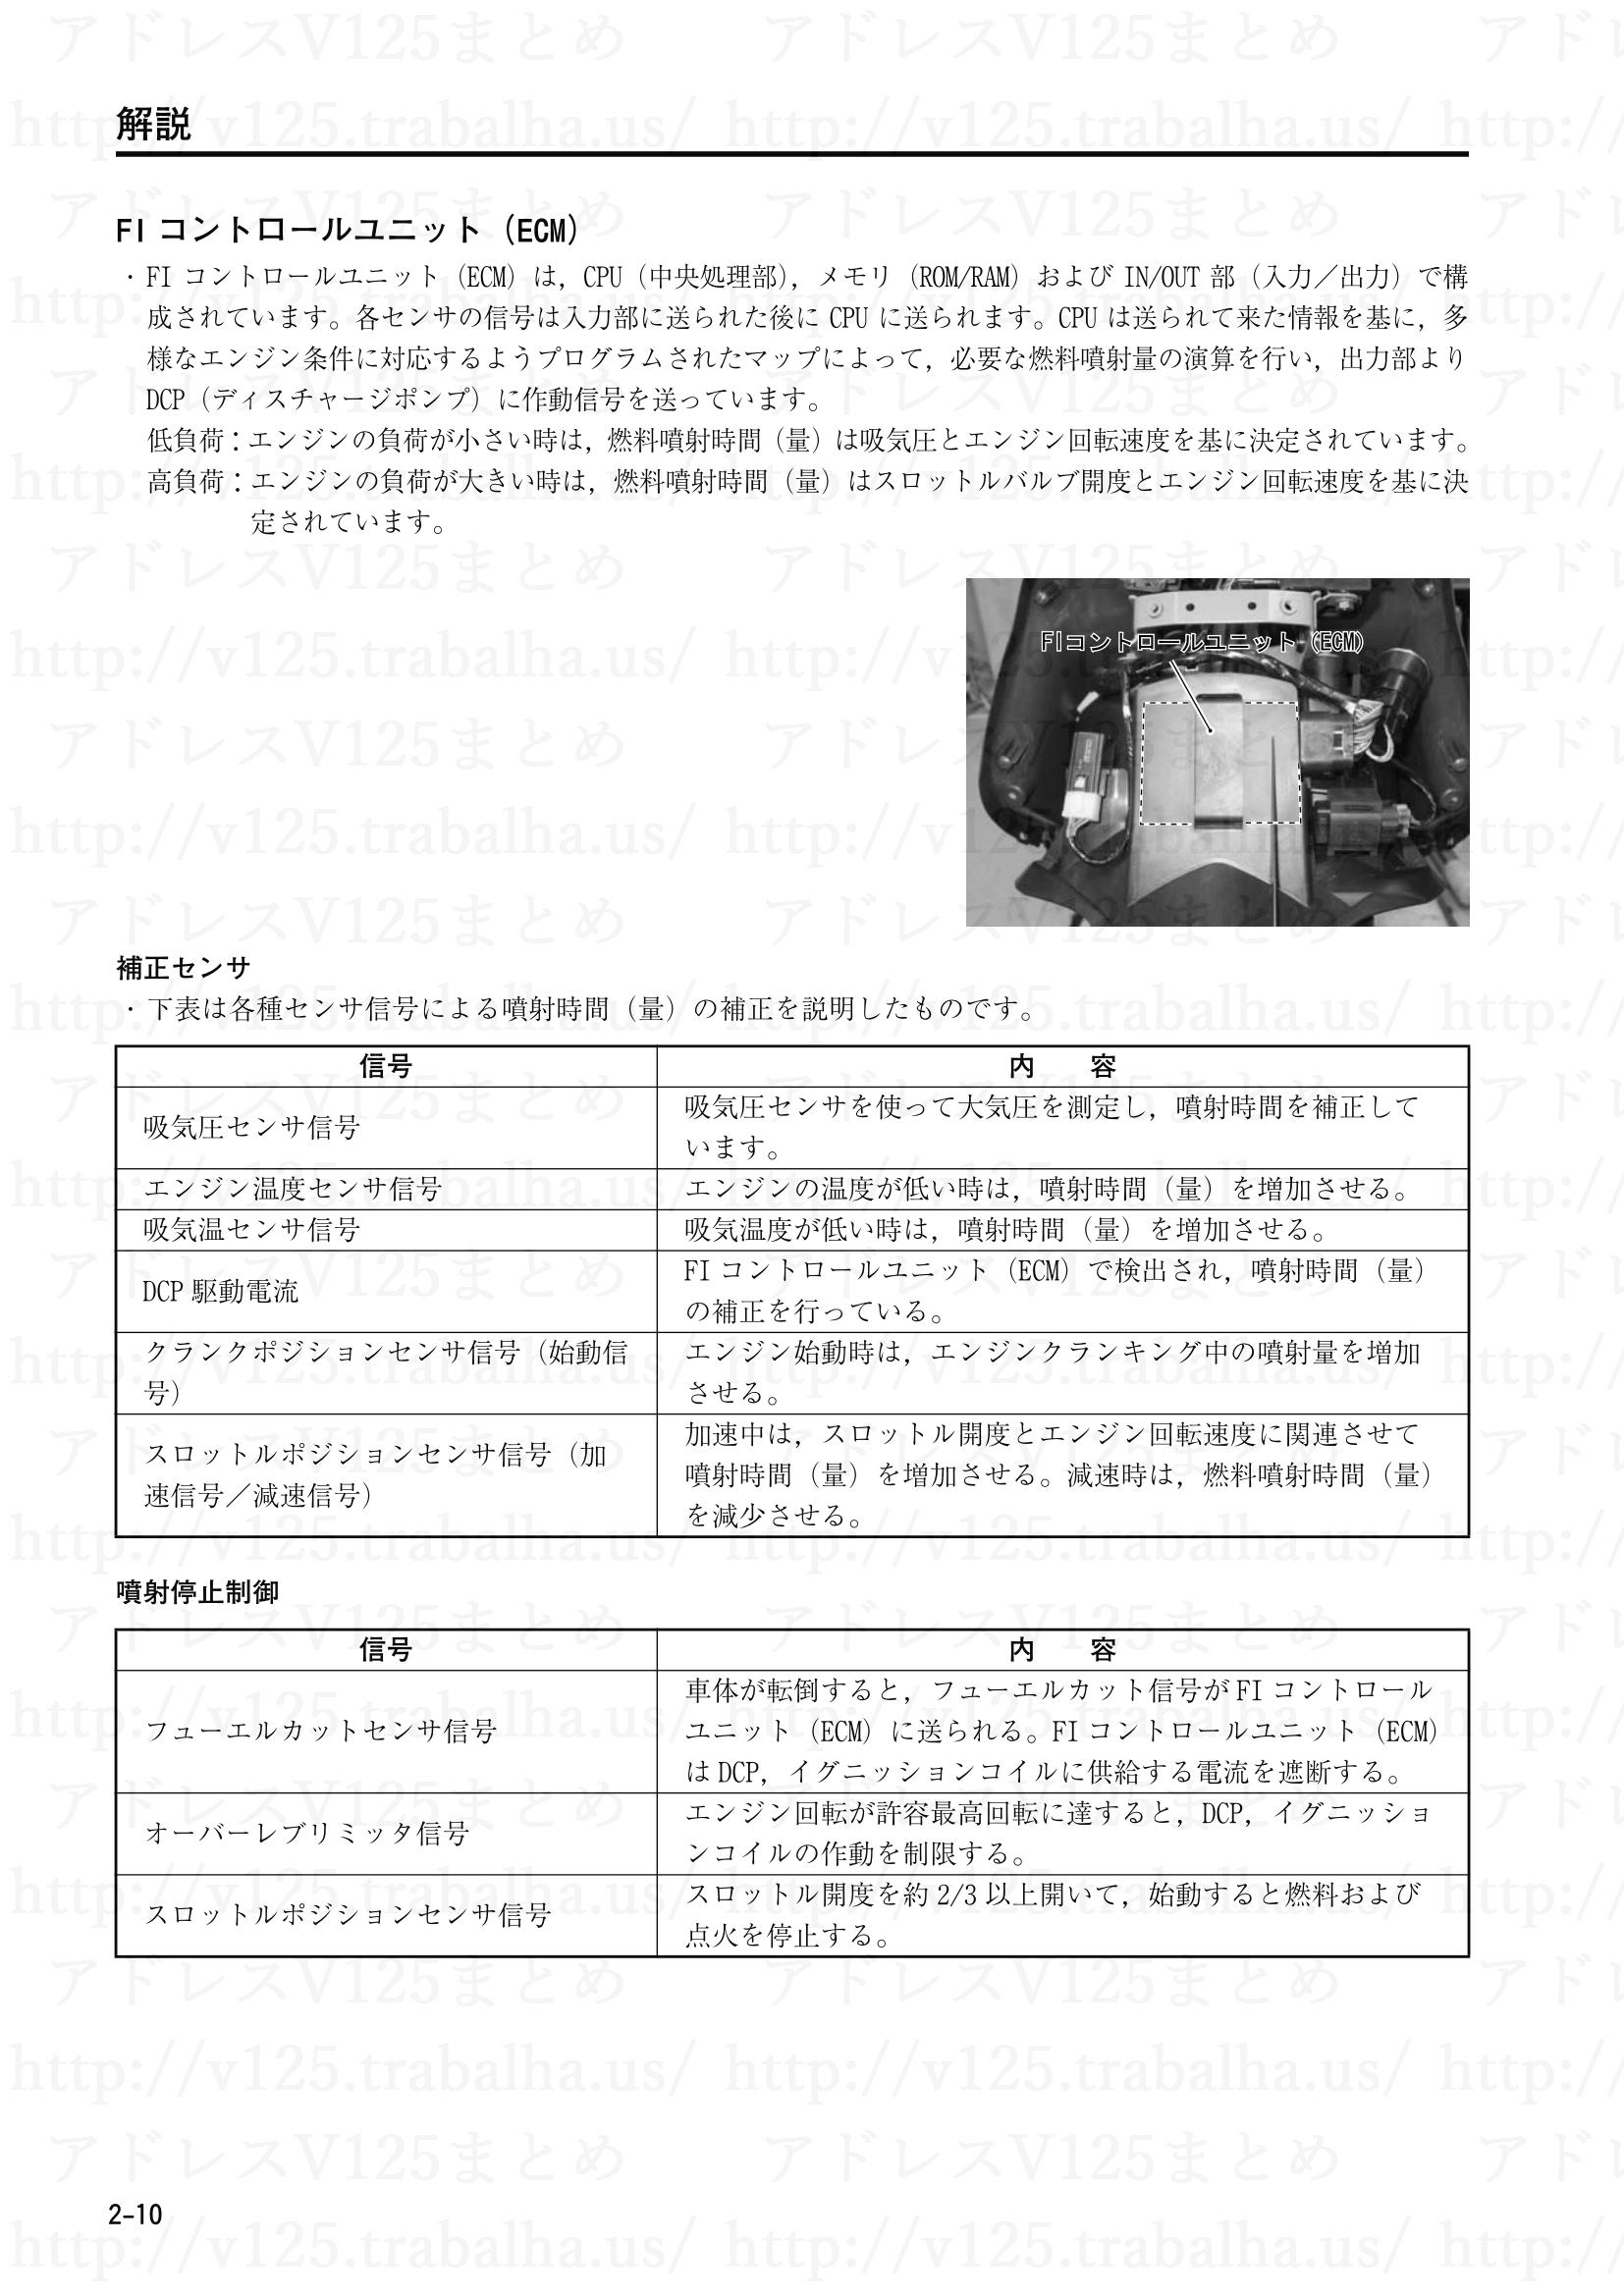 2-10【解説】FIコントロールユニット